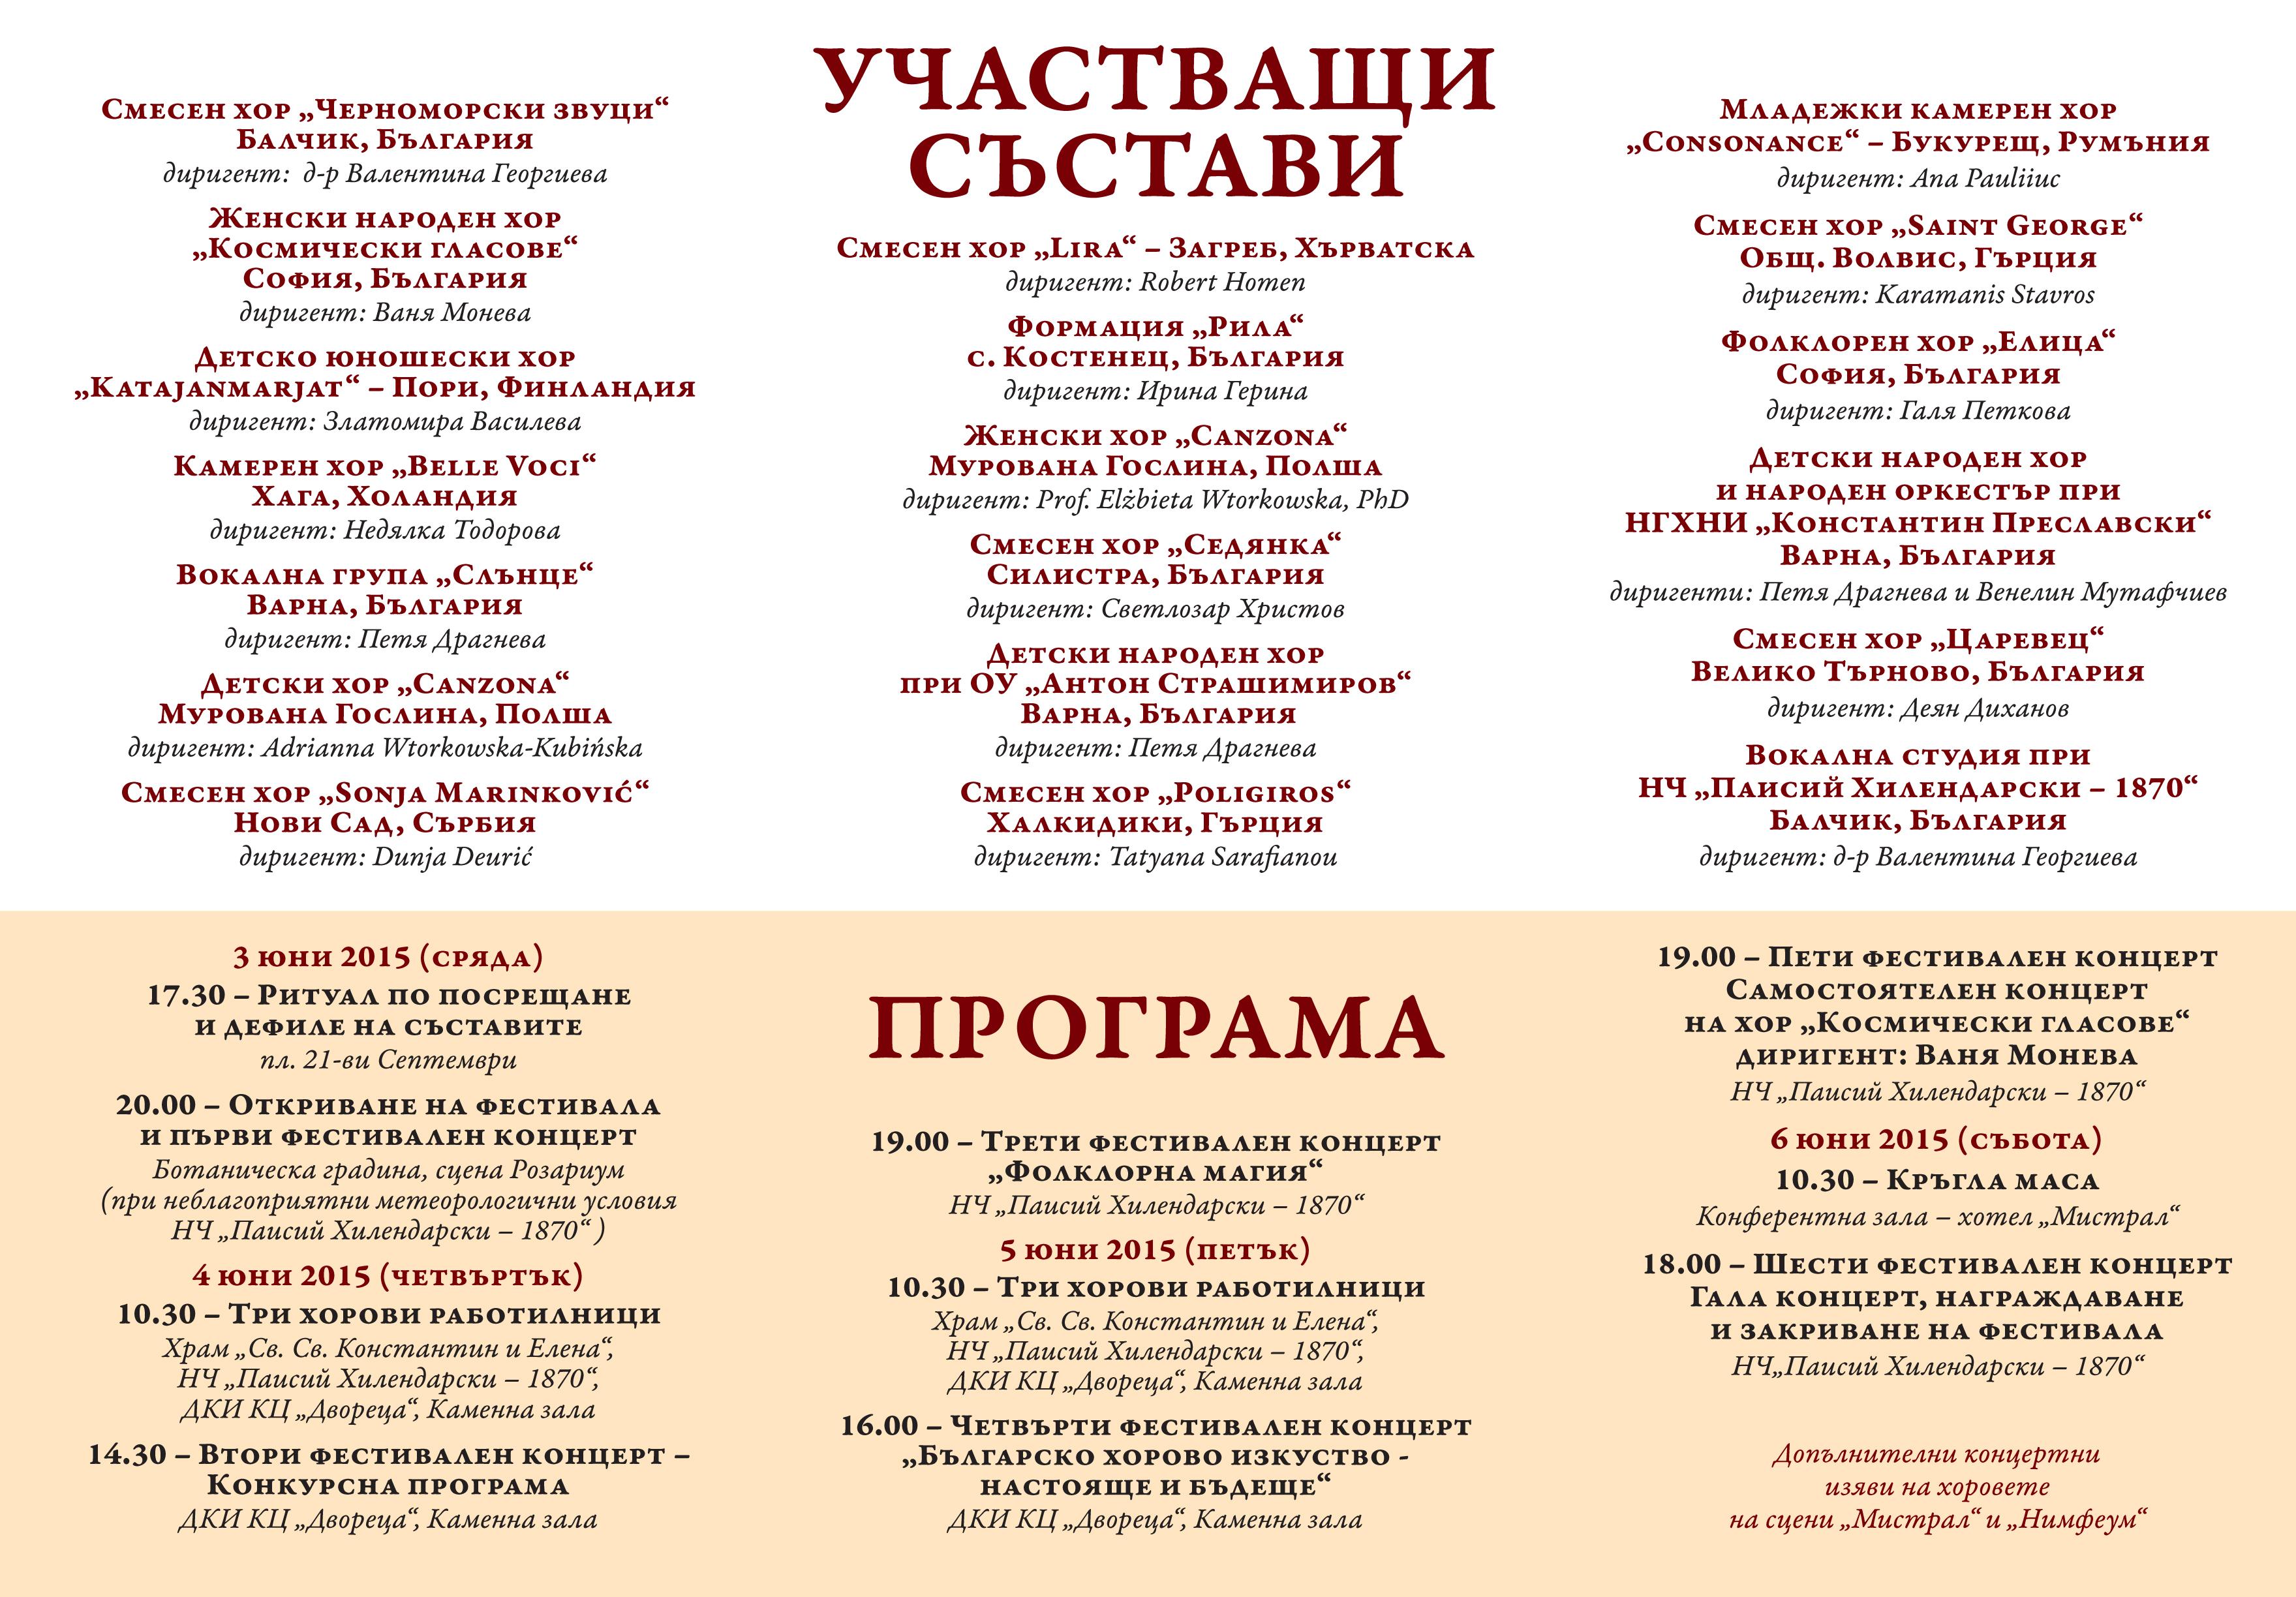 pokana_2015_v1.indd